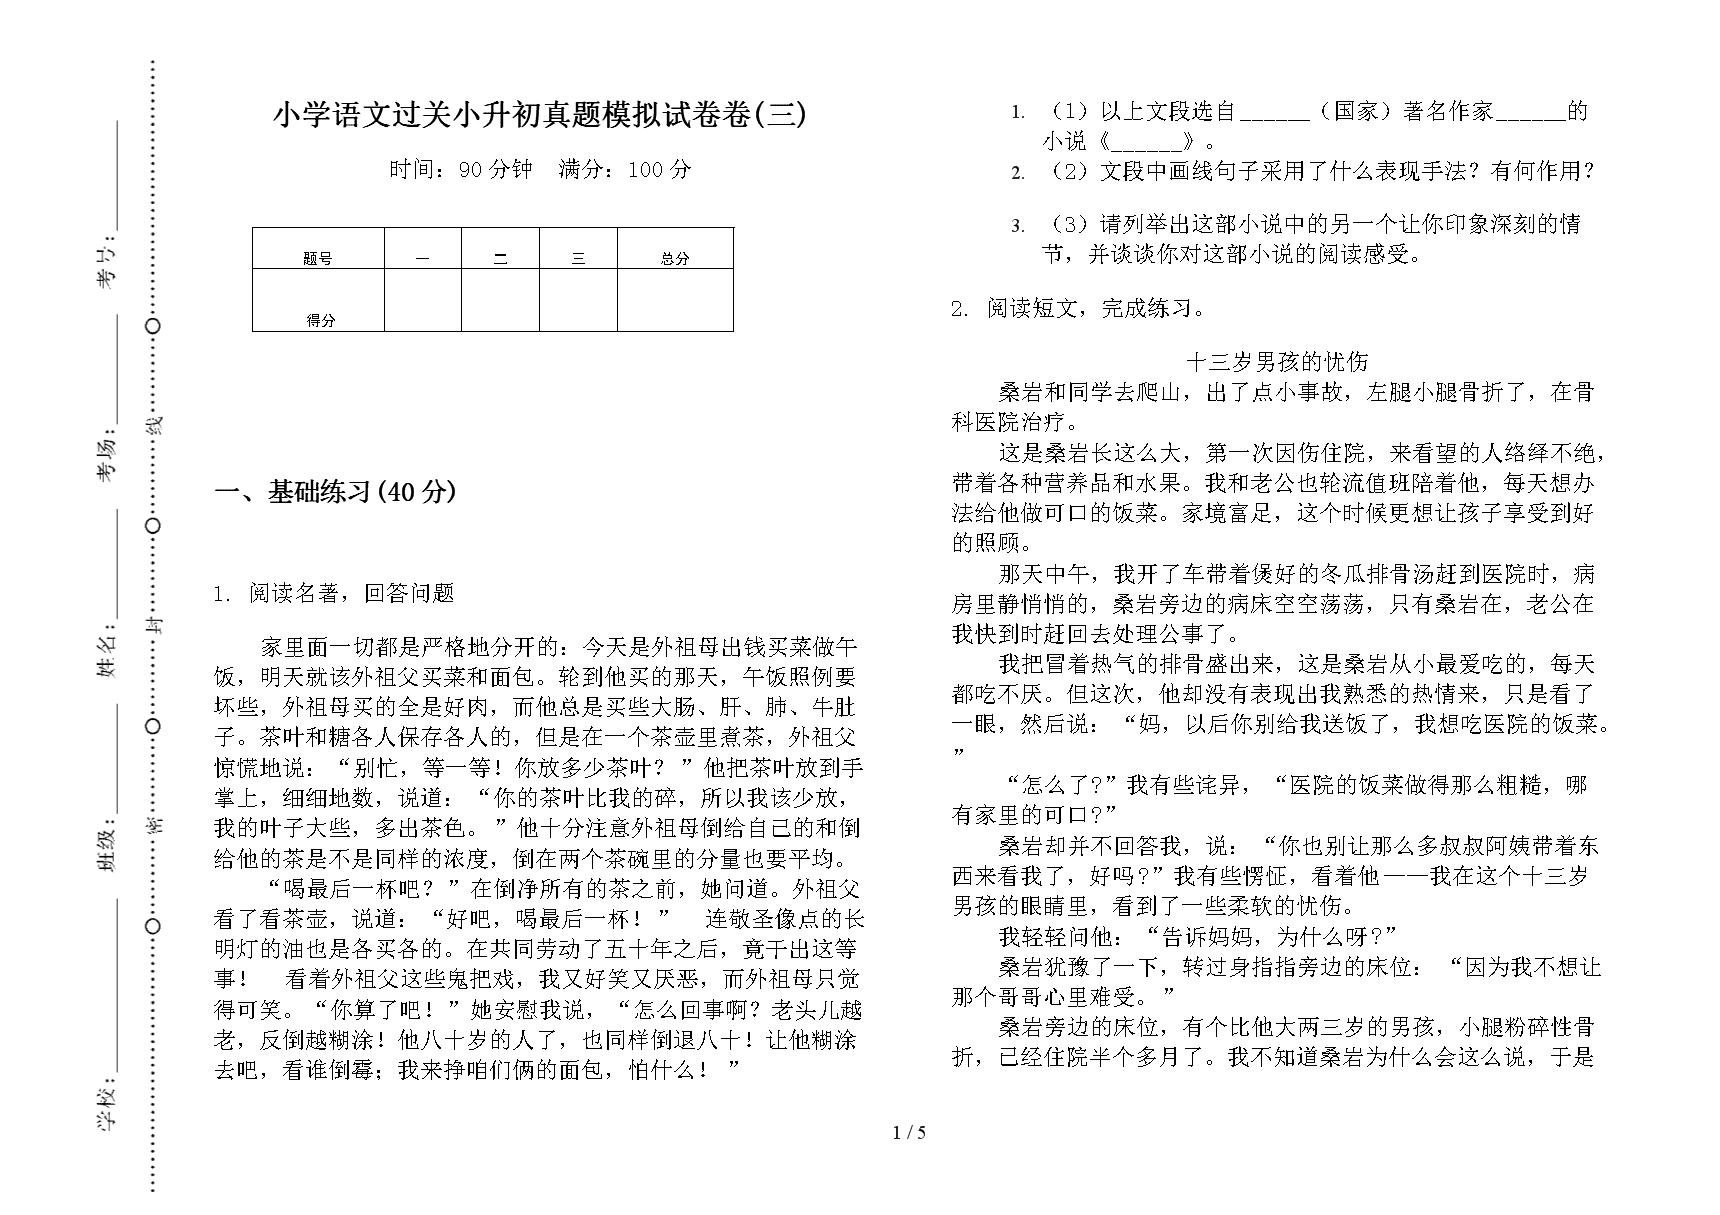 小学语文过关小升初真题模拟试卷卷(三).docx